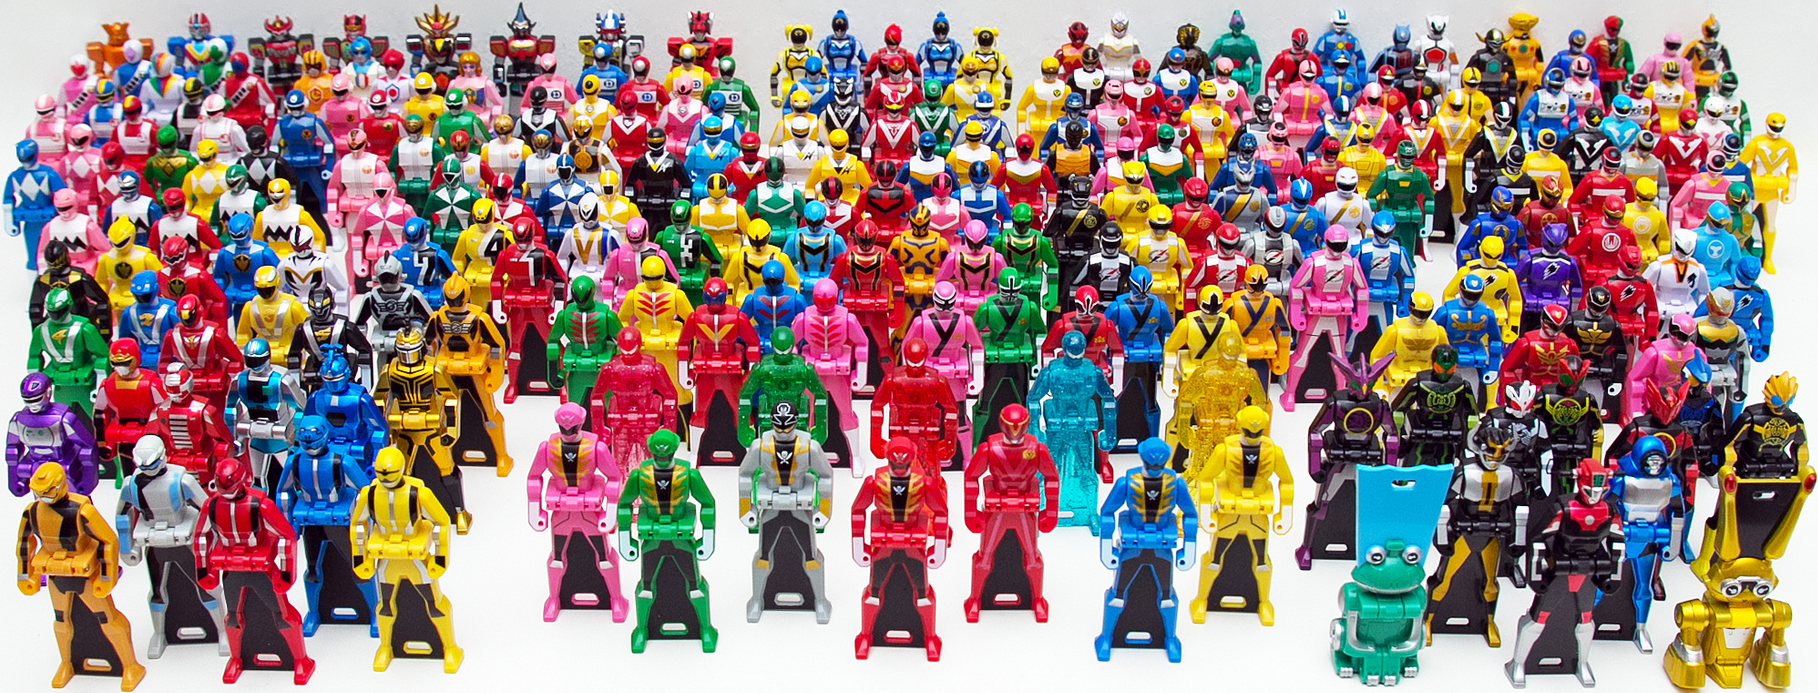 Ranger Keys (toyline)   RangerWiki   FANDOM powered by Wikia